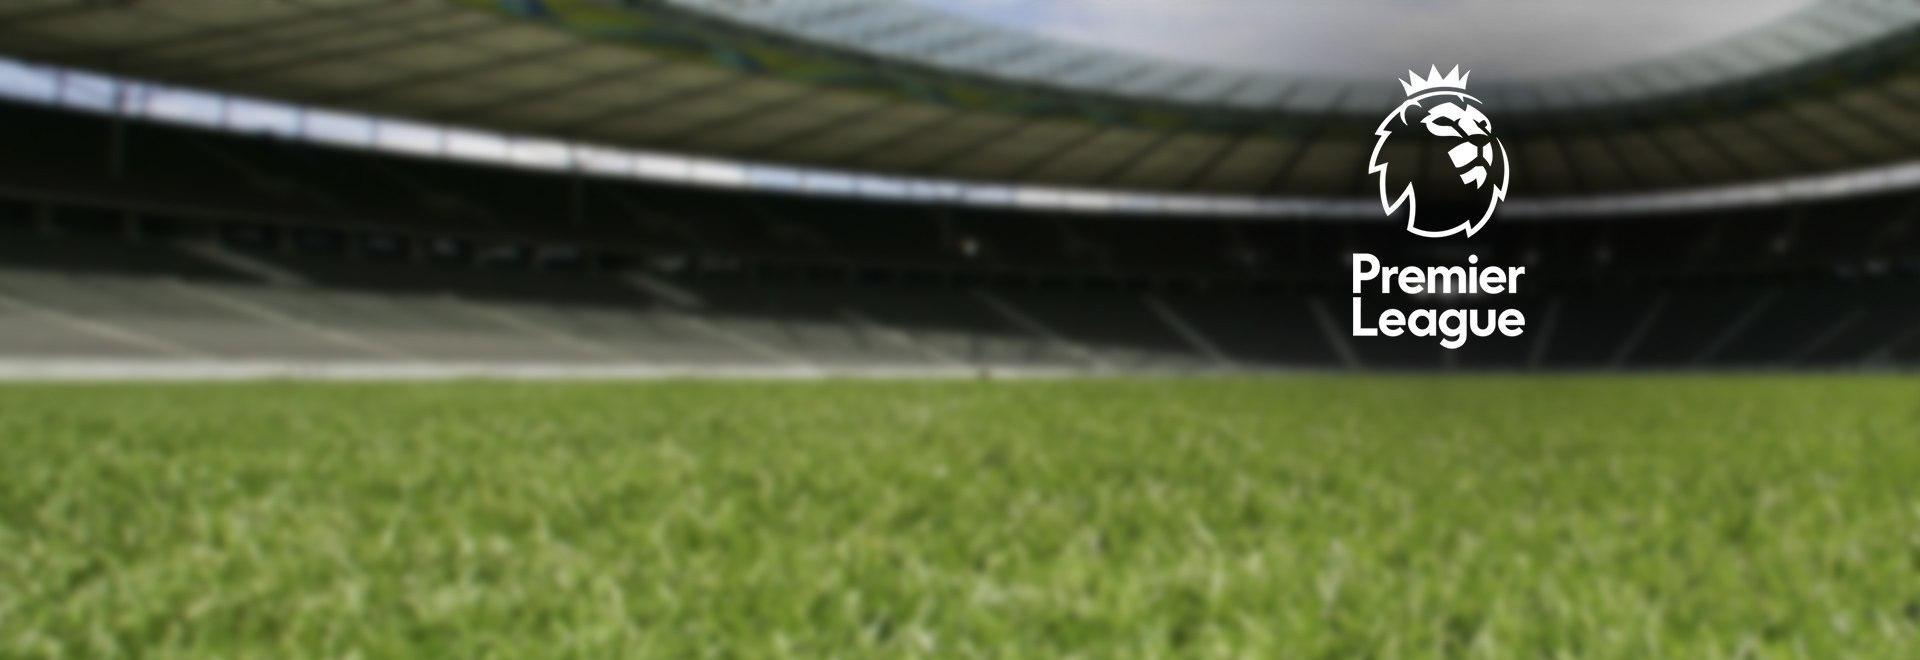 West Ham United - Burnley. 19a g.